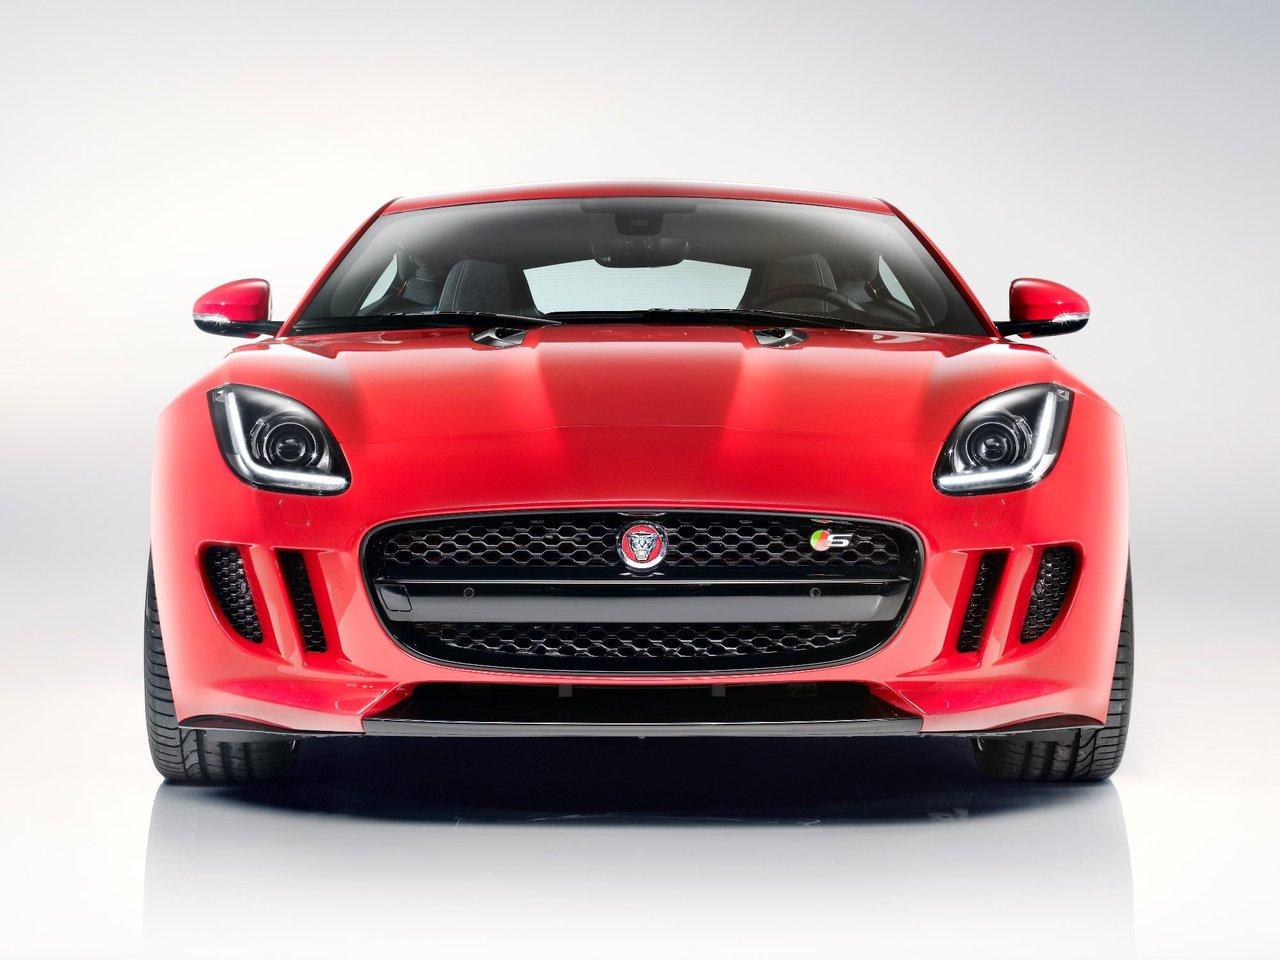 Снимки: Jaguar F-type Coupe